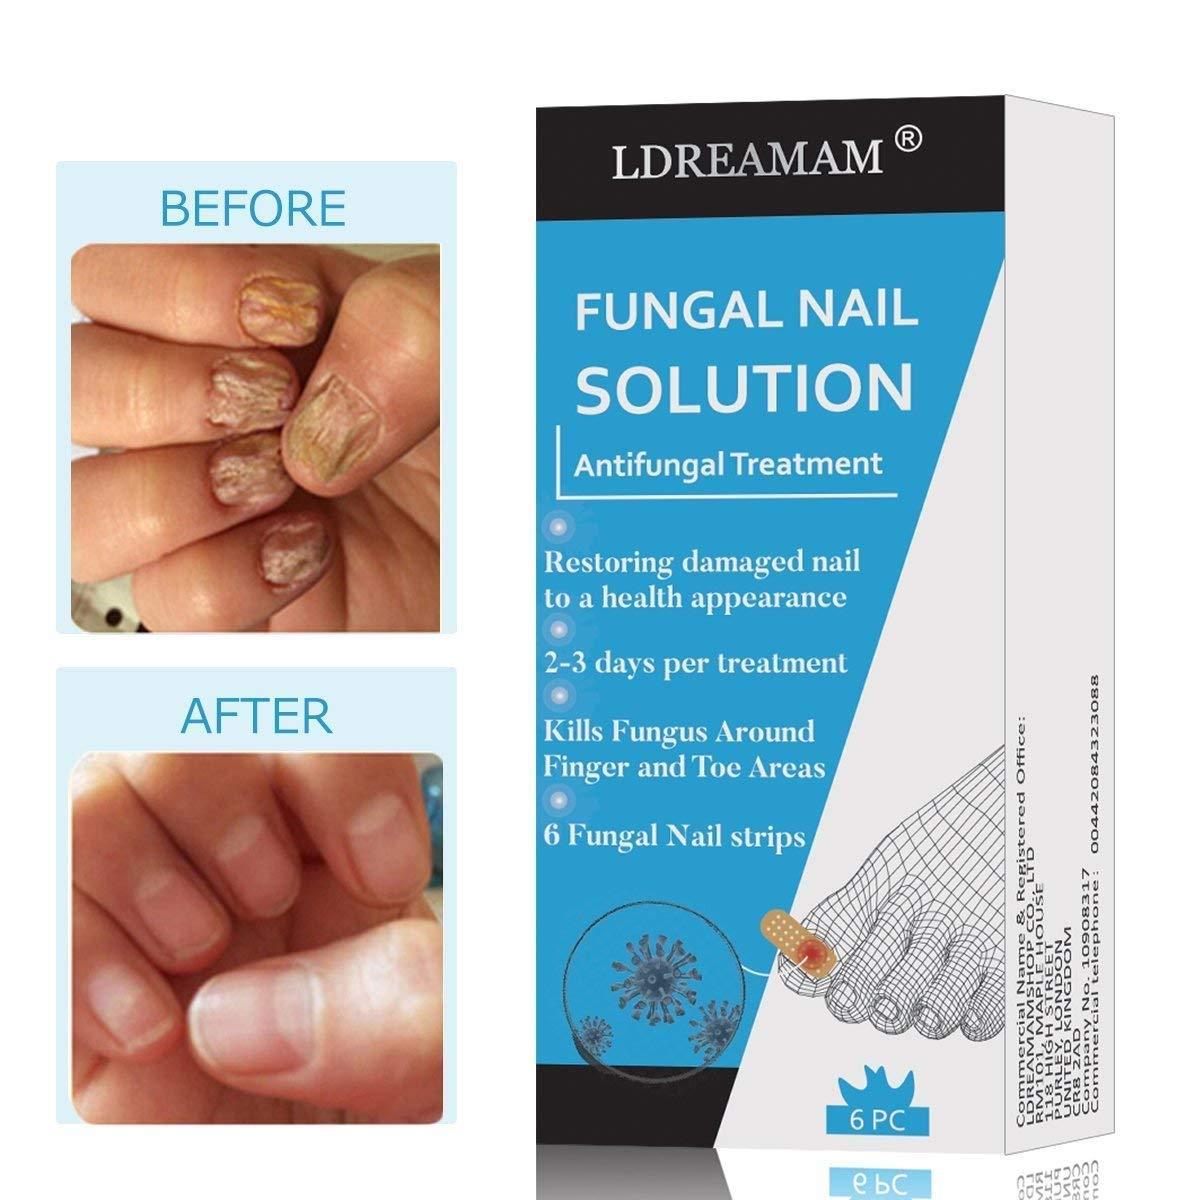 Nail Fungus,Antifungal Nail Treatment,Toenail Fungus Treatment,Antifungal Nail Gel,Removal of Fingernail and Toenail Fungus by LDREAMAM (Image #2)